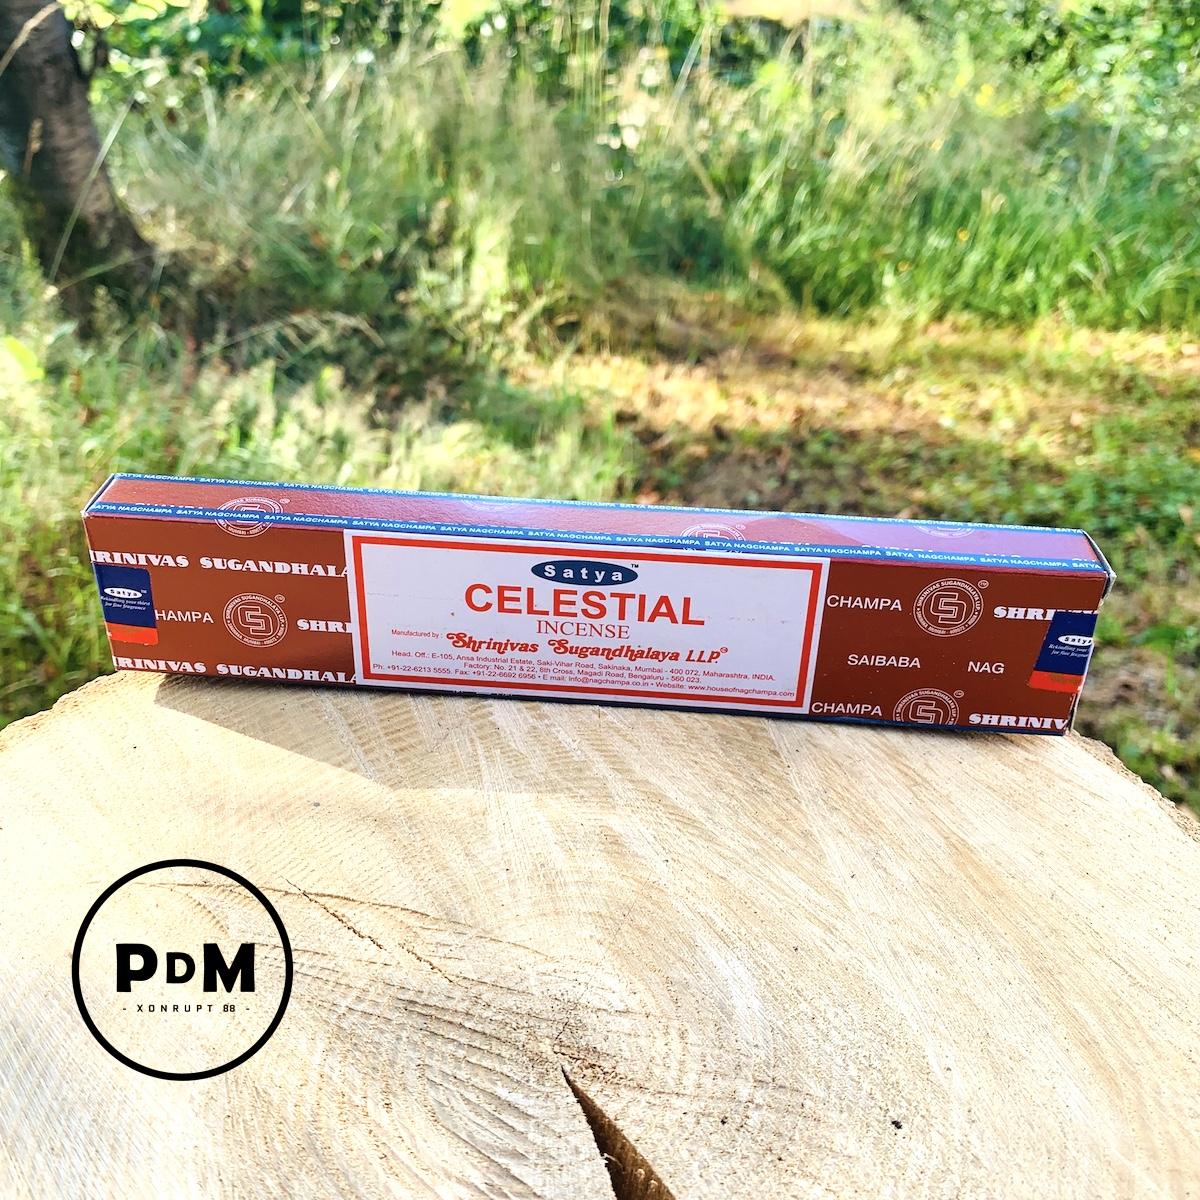 Encens Satya Celestial Incense paquet de 15gr